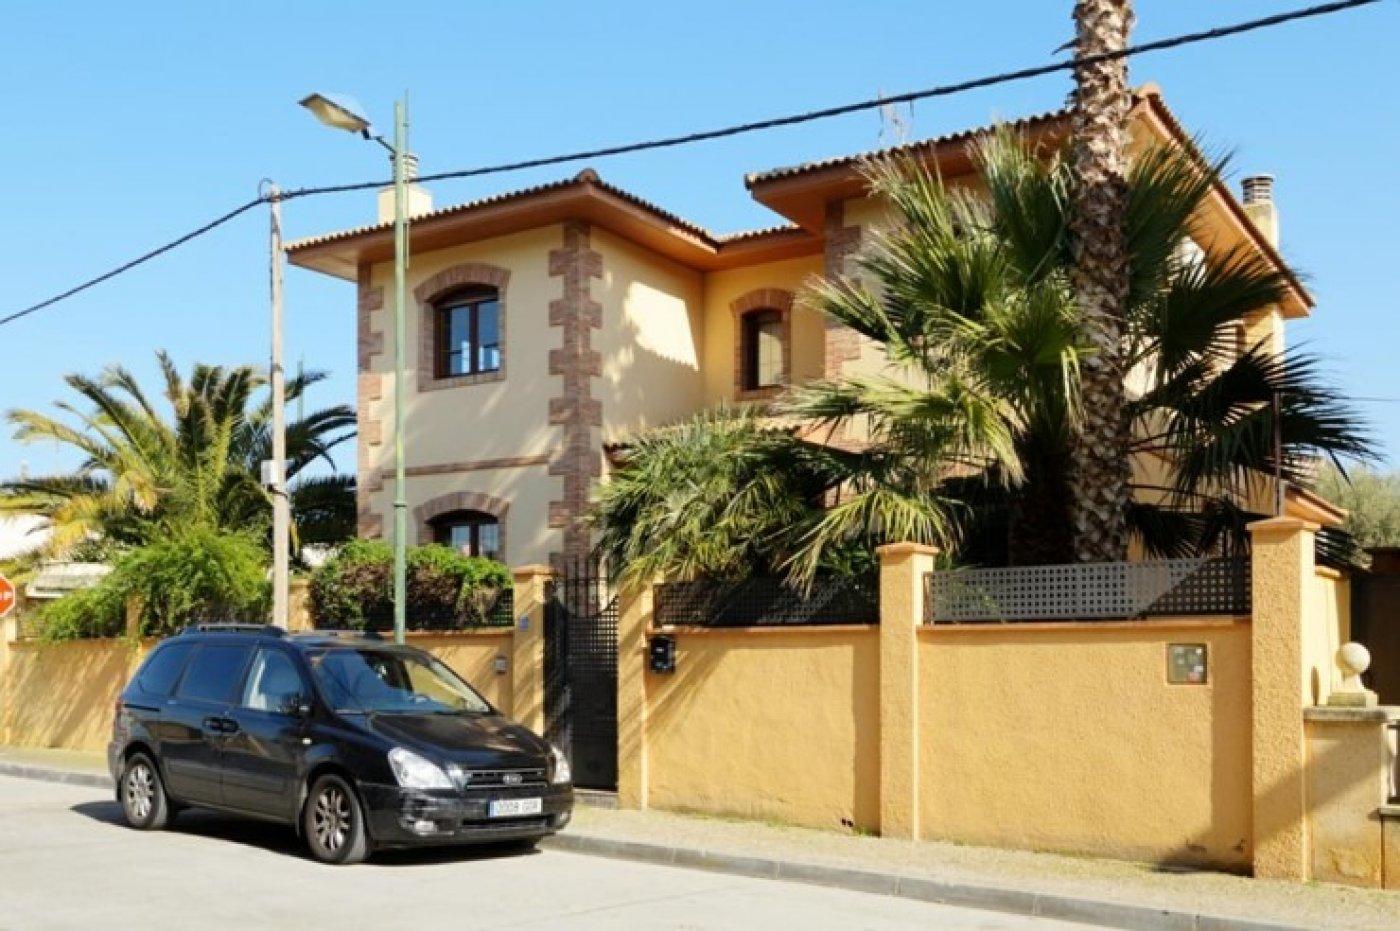 casa en san-mateo-de-gallego · san-mateo-de-gallego 315000€